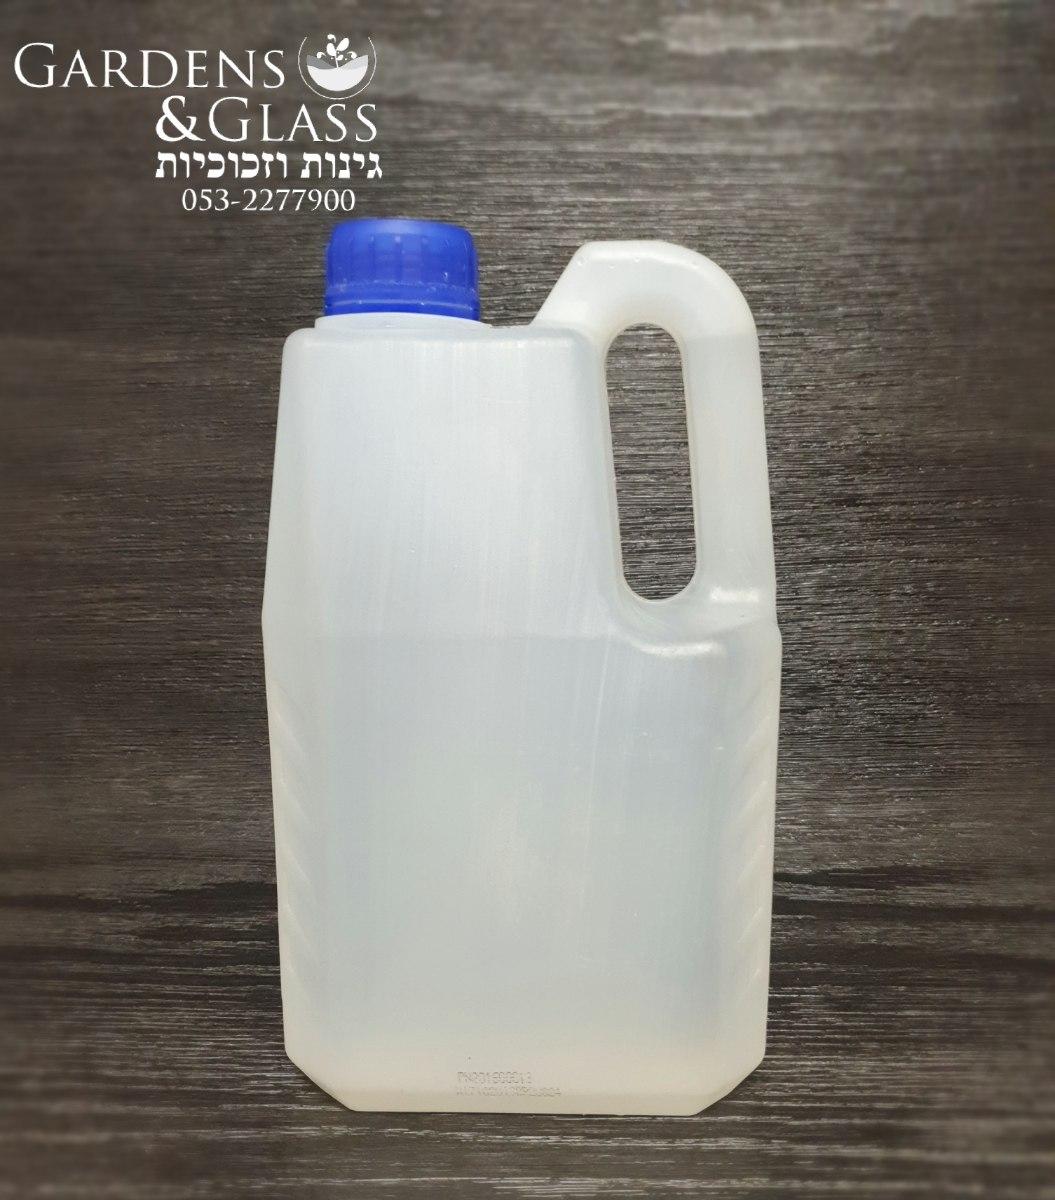 מים לצמחים וטרריום 2 ליטר